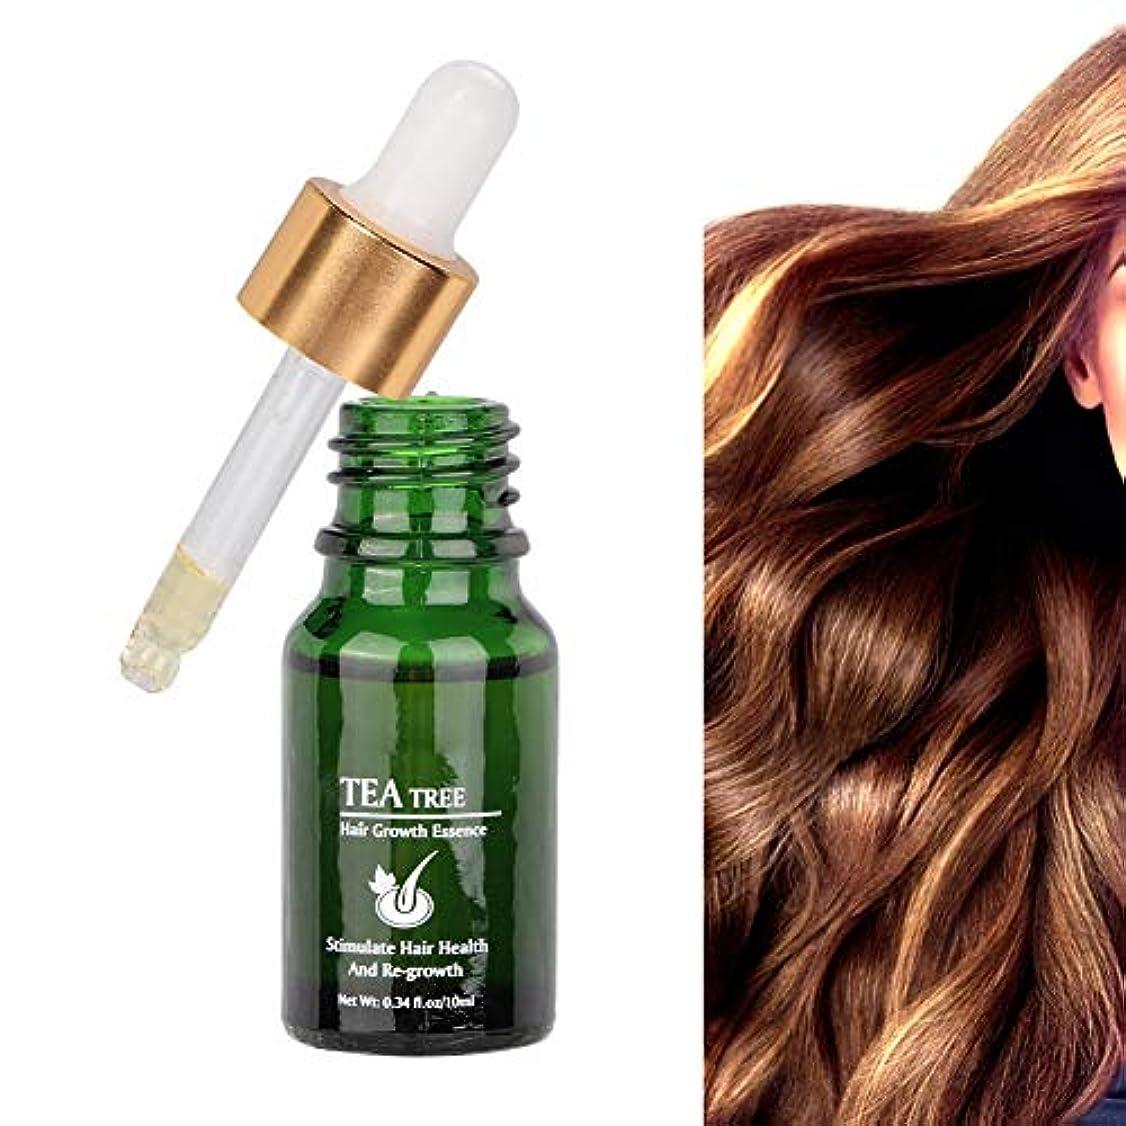 ランチョン日の出優しさ女性と男性のためのヘアケア液、プロのヘアケア液の増粘と滑らかな髪と栄養頭皮、